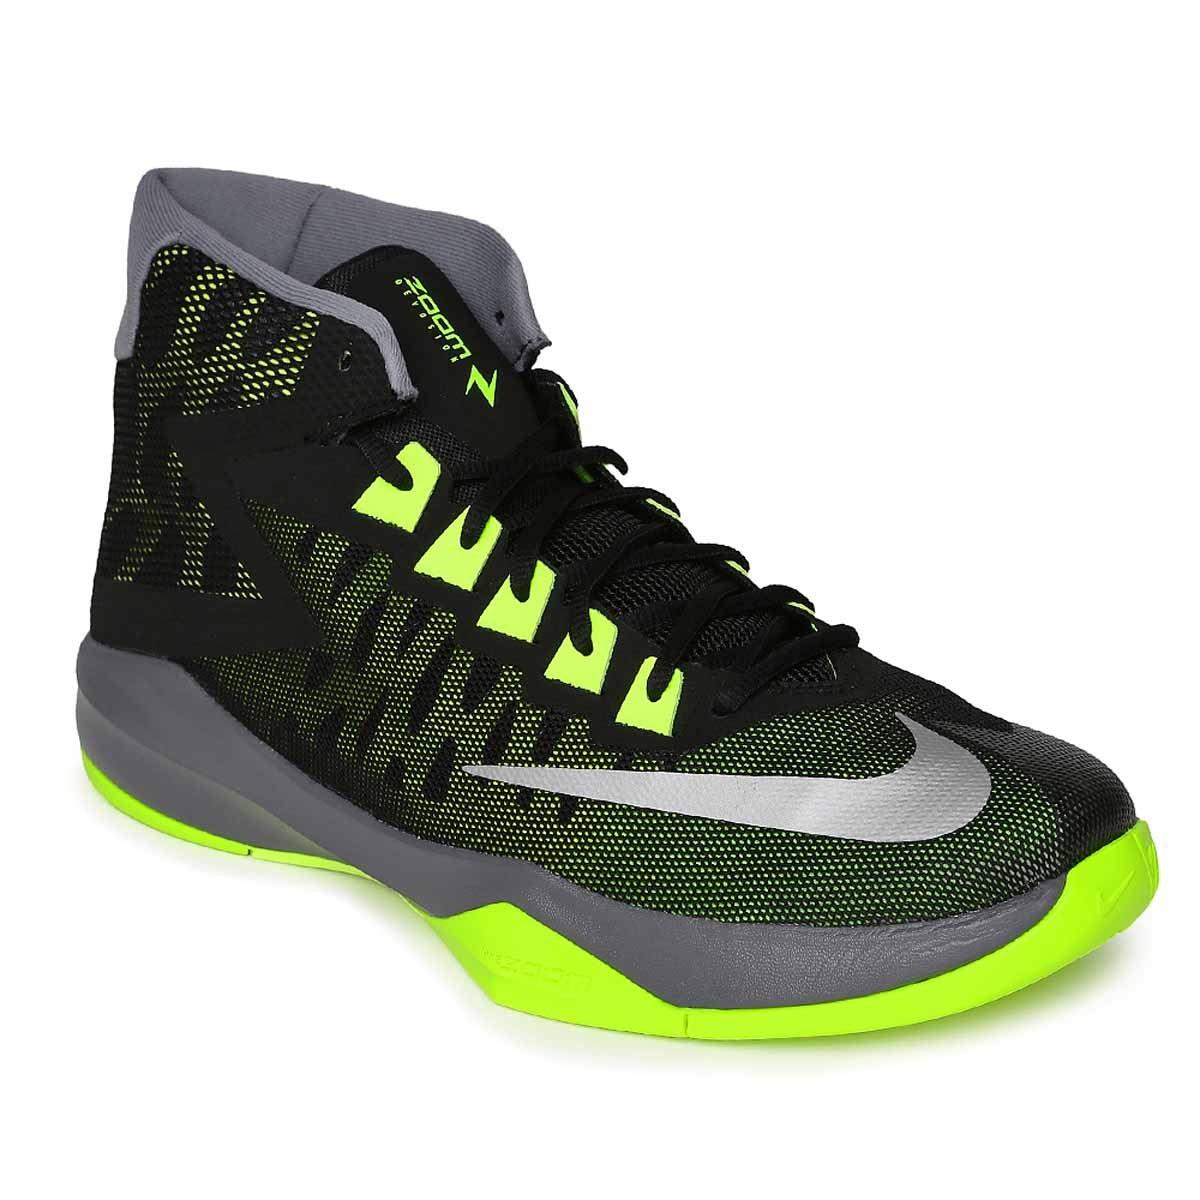 ef3c285fe195 Buy Nike Zoom Devosion Basketball Shoes (Black Silver Volt) Online